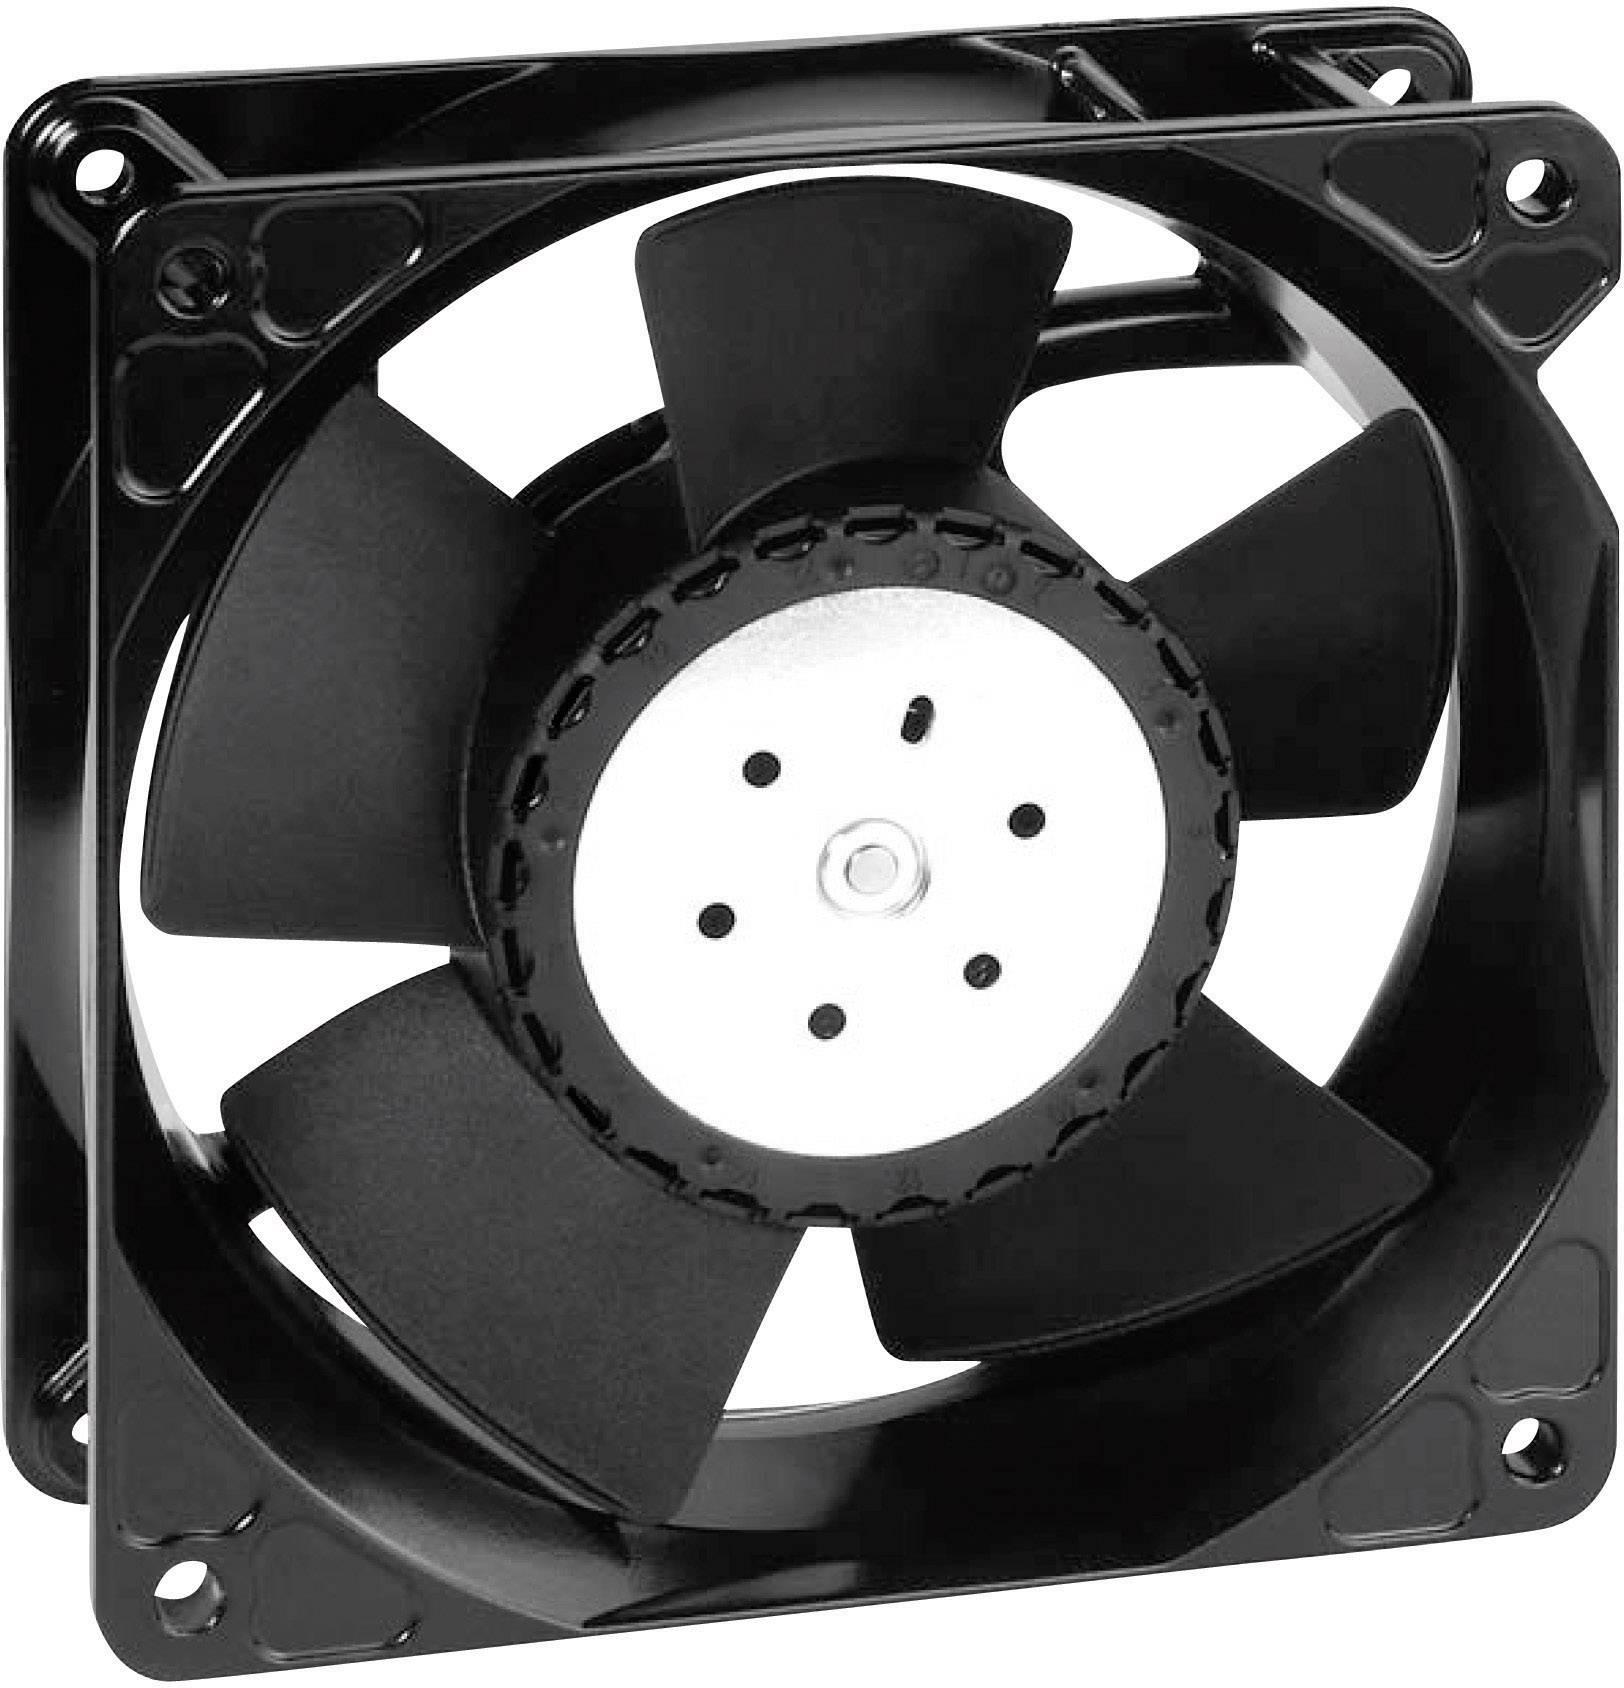 Axiální ventilátor EBM Papst, 4114 N/2H8P, 24 V, 78 dBA, 119 x 119 x 38 mm